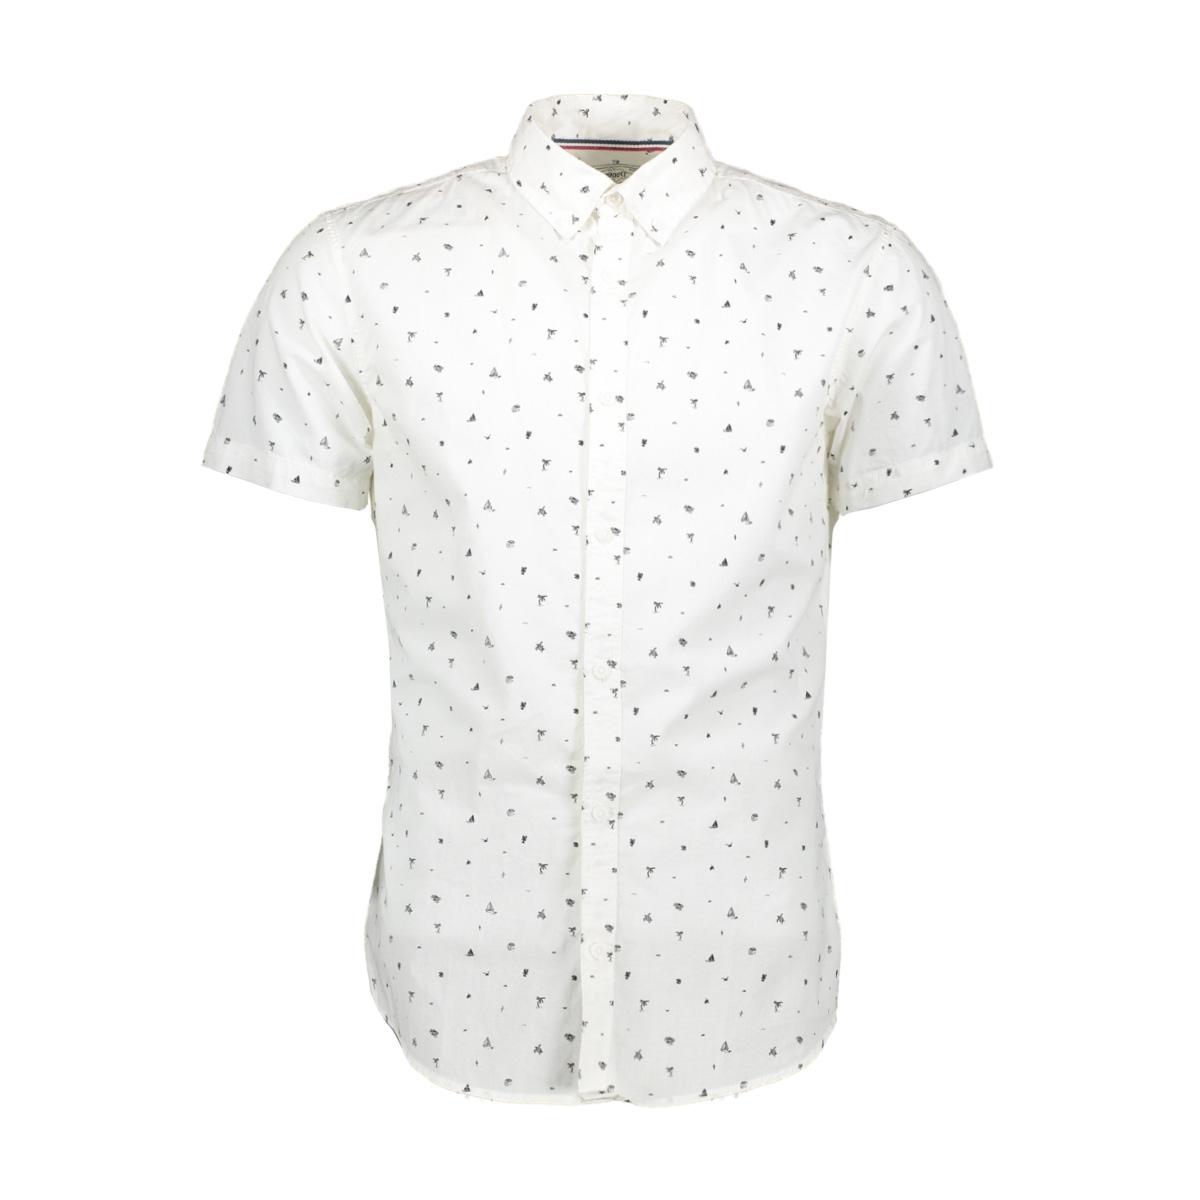 pktdek beach aop shirt ss 12152893 produkt overhemd cloud dancer